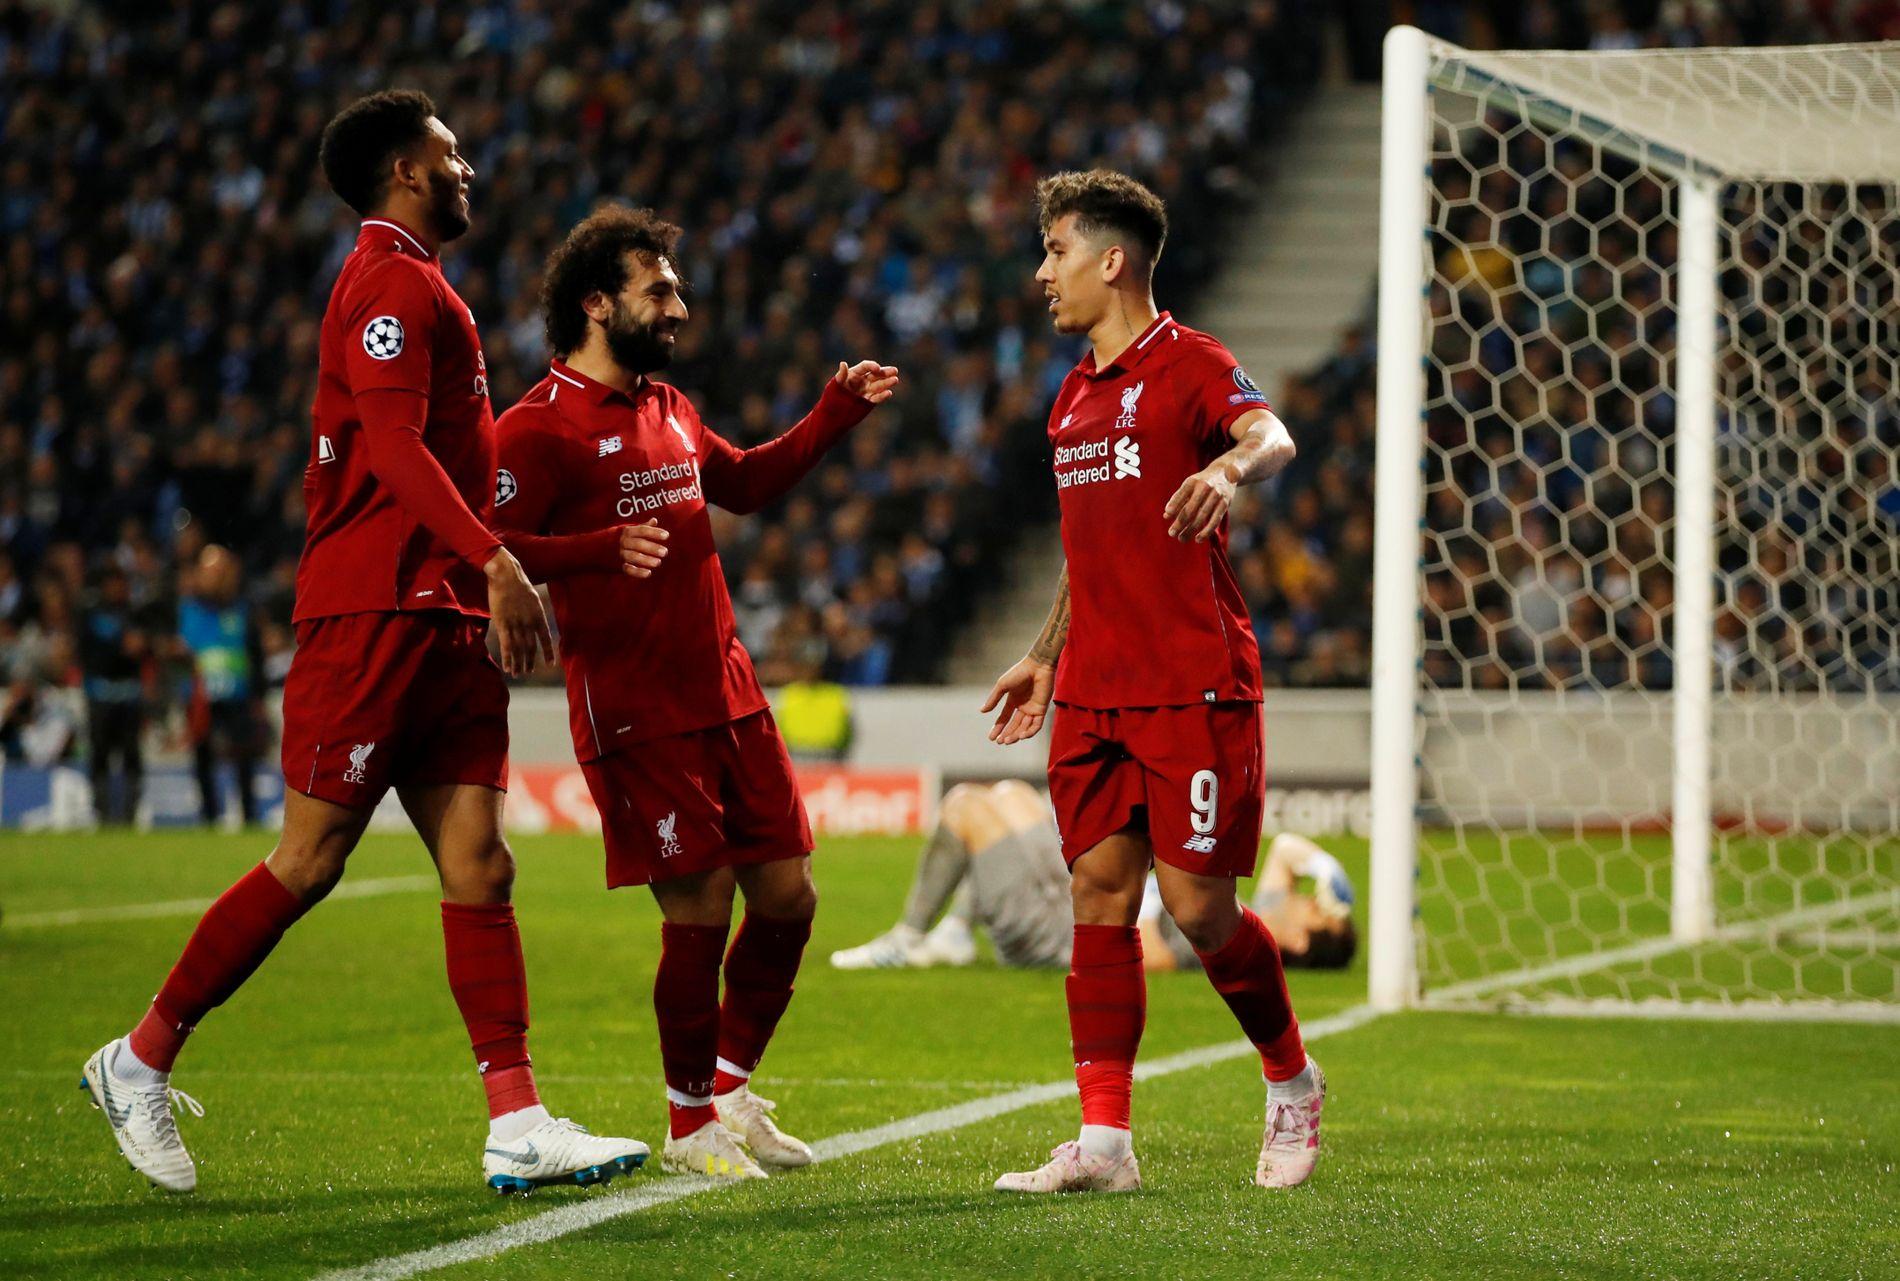 Ifølge Viasat-ekspert Ronny Deila startet Liverpool på hæla. Til slutt ble det en maktdemonstrasjon for Merseyside-klubben.